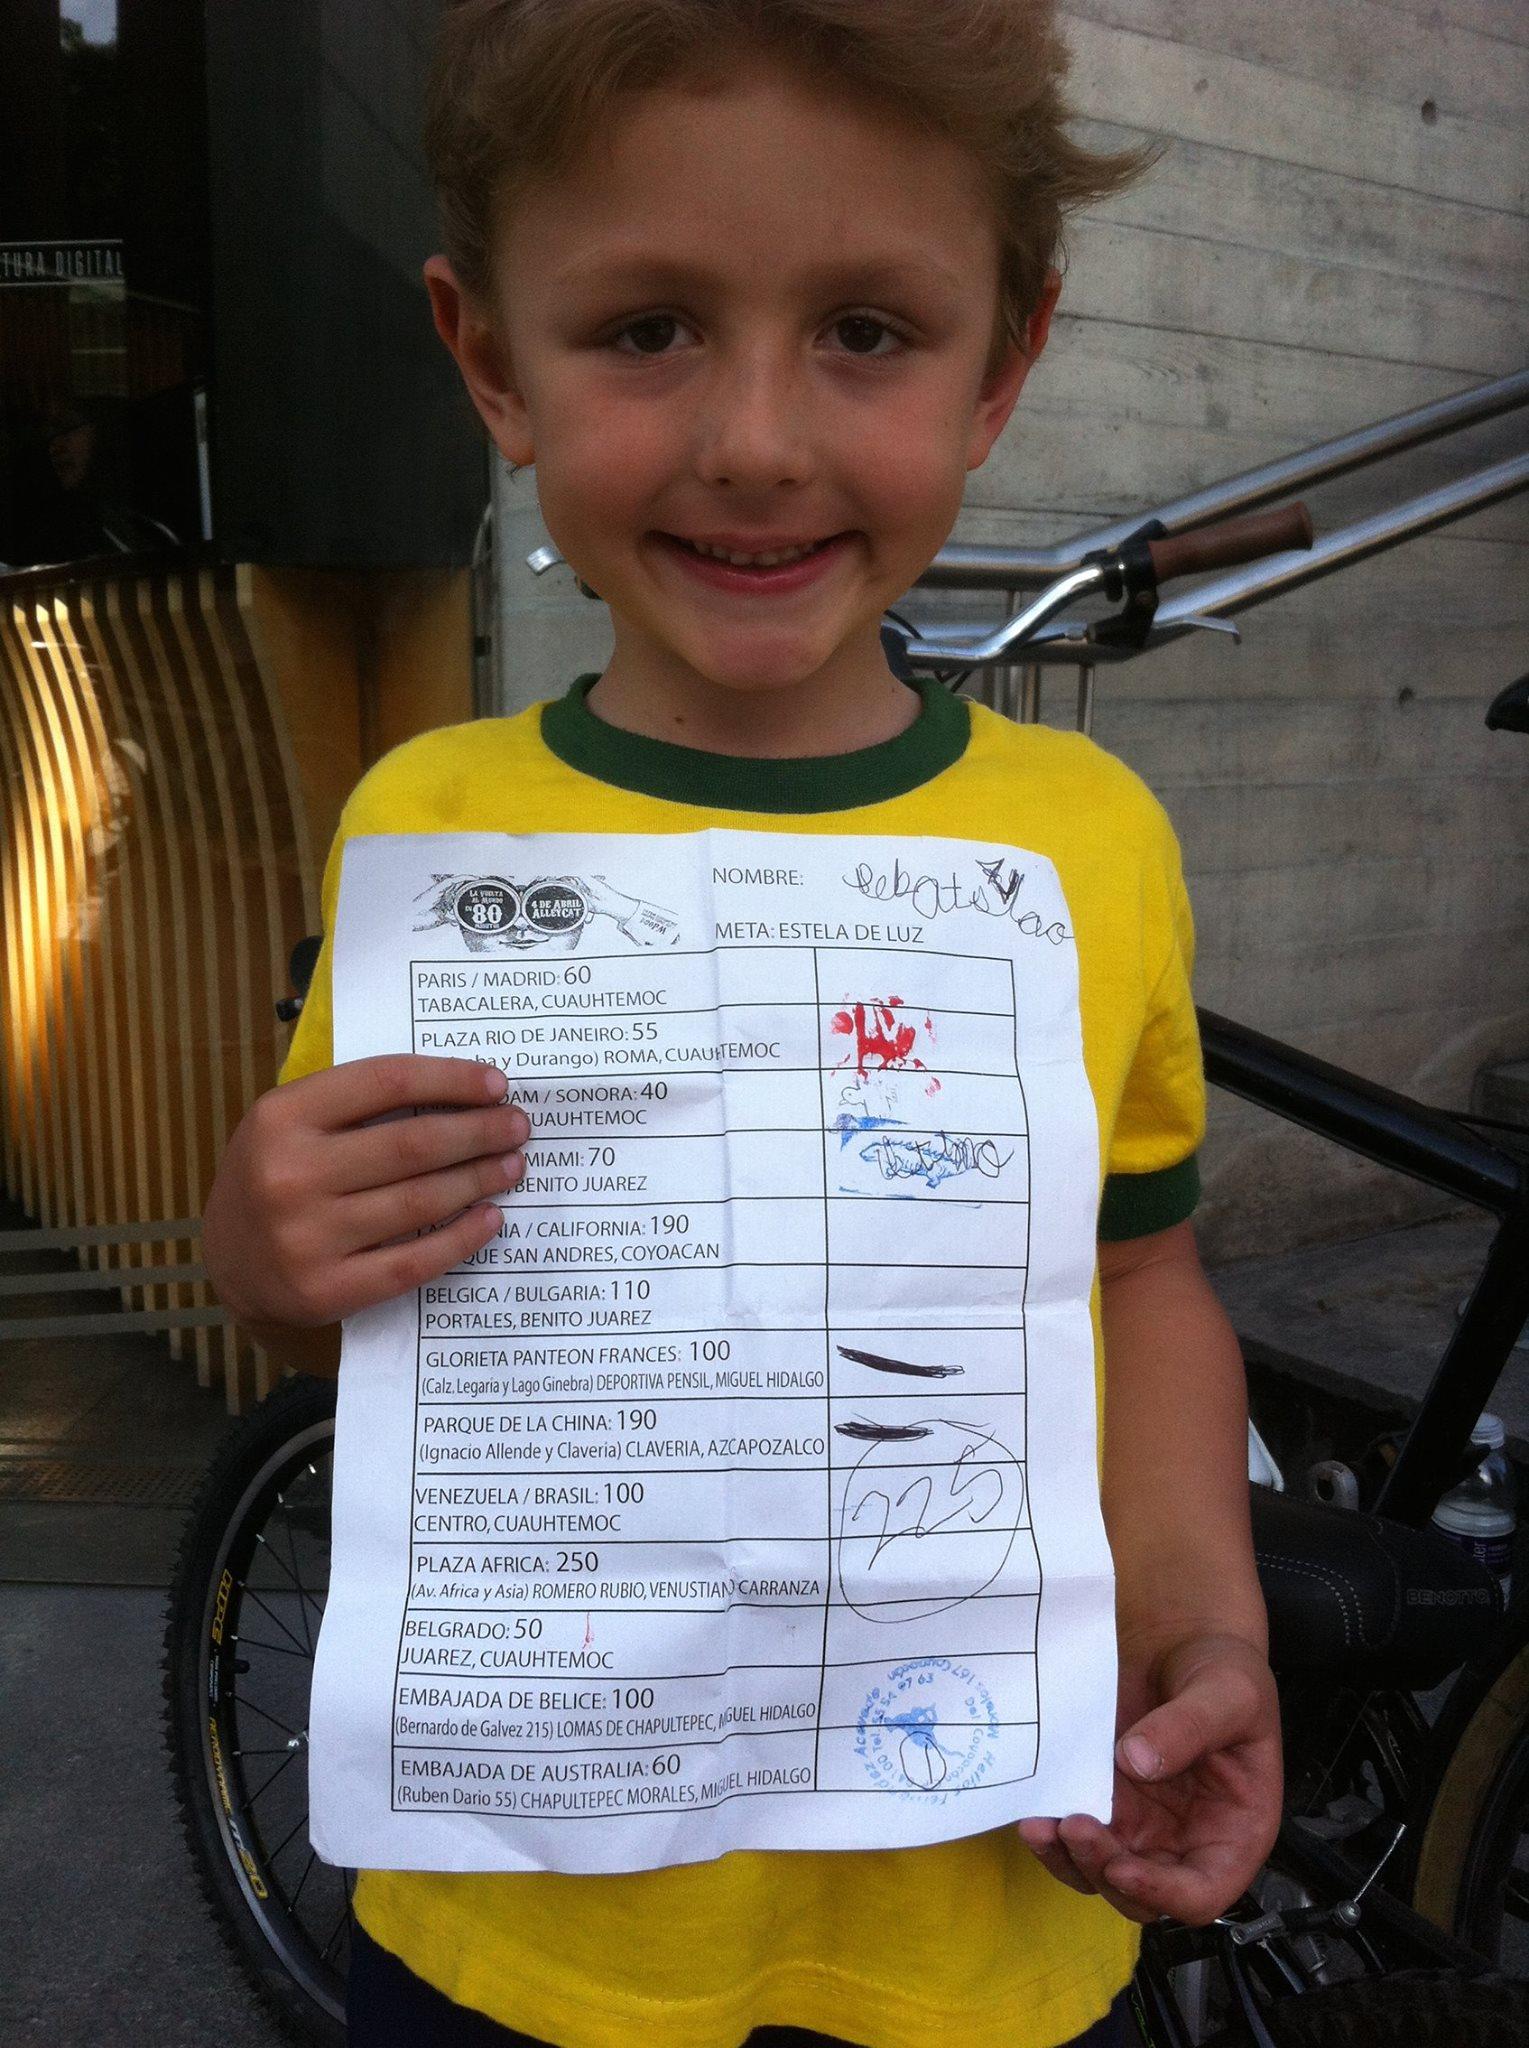 Bravo el pequeño Sebastian que corrió con su Papá y terminó con 225 puntos